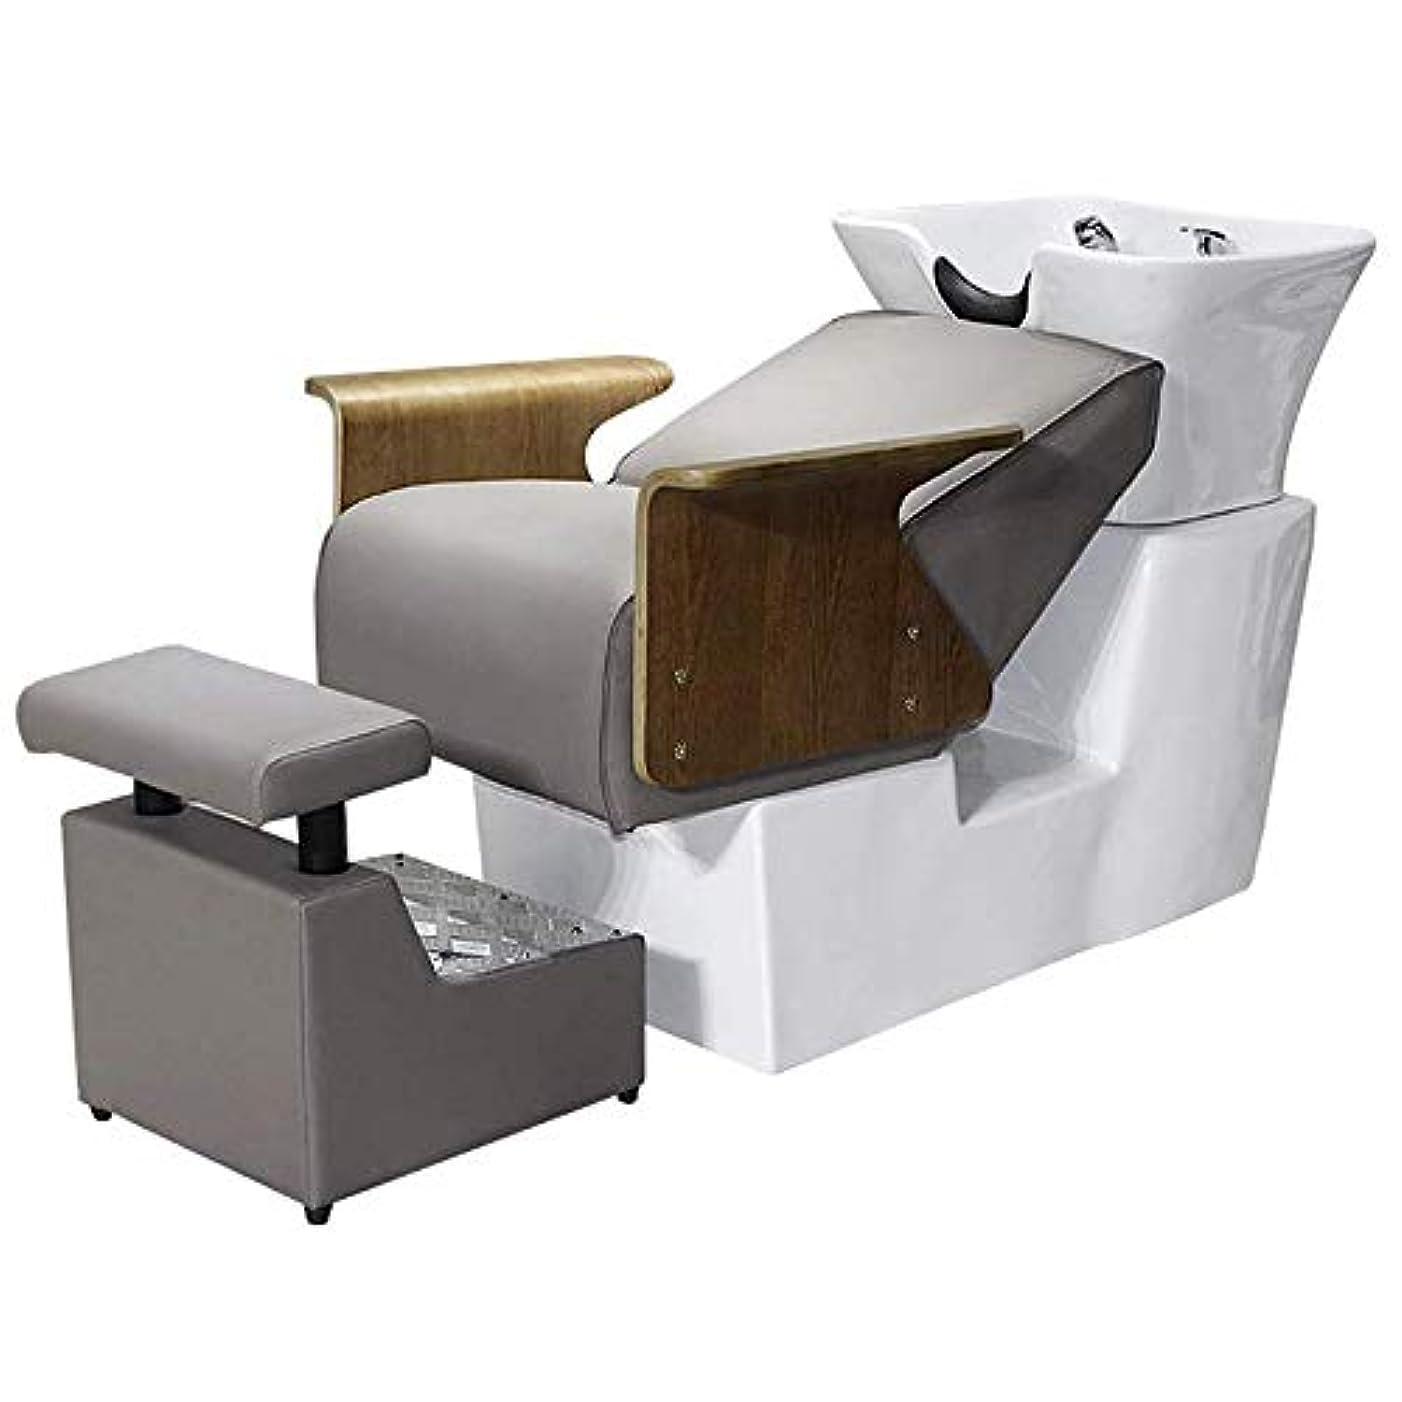 サロン用シャンプー椅子とボウル、 セラミック洗面器シャンプーベッド逆洗ユニットシャンプーボウル理髪シンク椅子用スパビューティーサロン機器